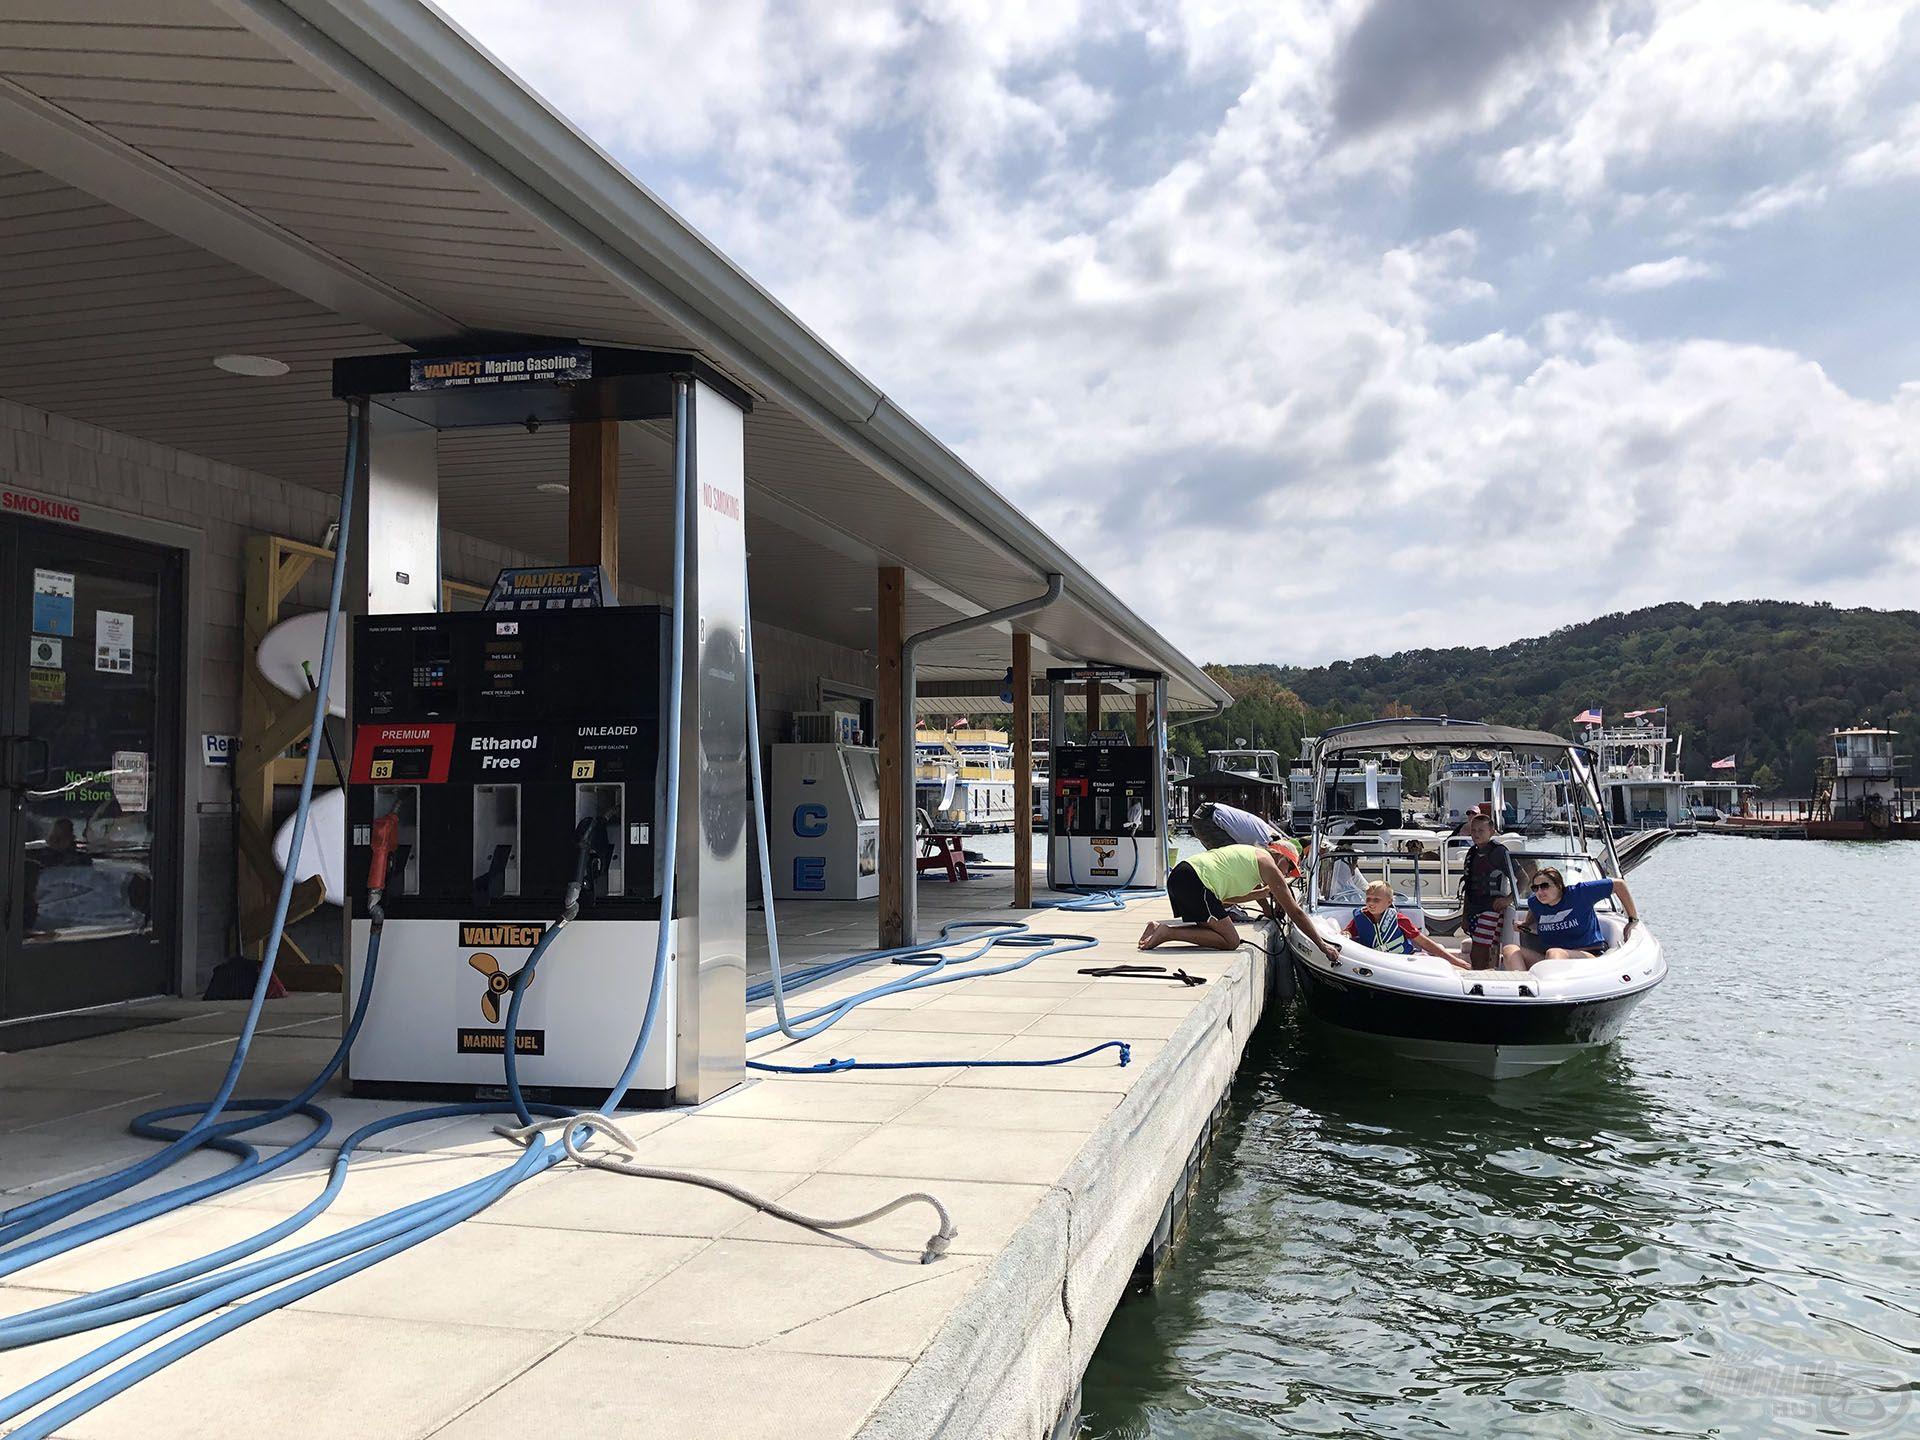 Üzemanyag kell? Nem probléma, 12 állásos benzinkút a vízen, hogy ha sokan indulnának egyszerre hajózni, akkor se legyen fennakadás